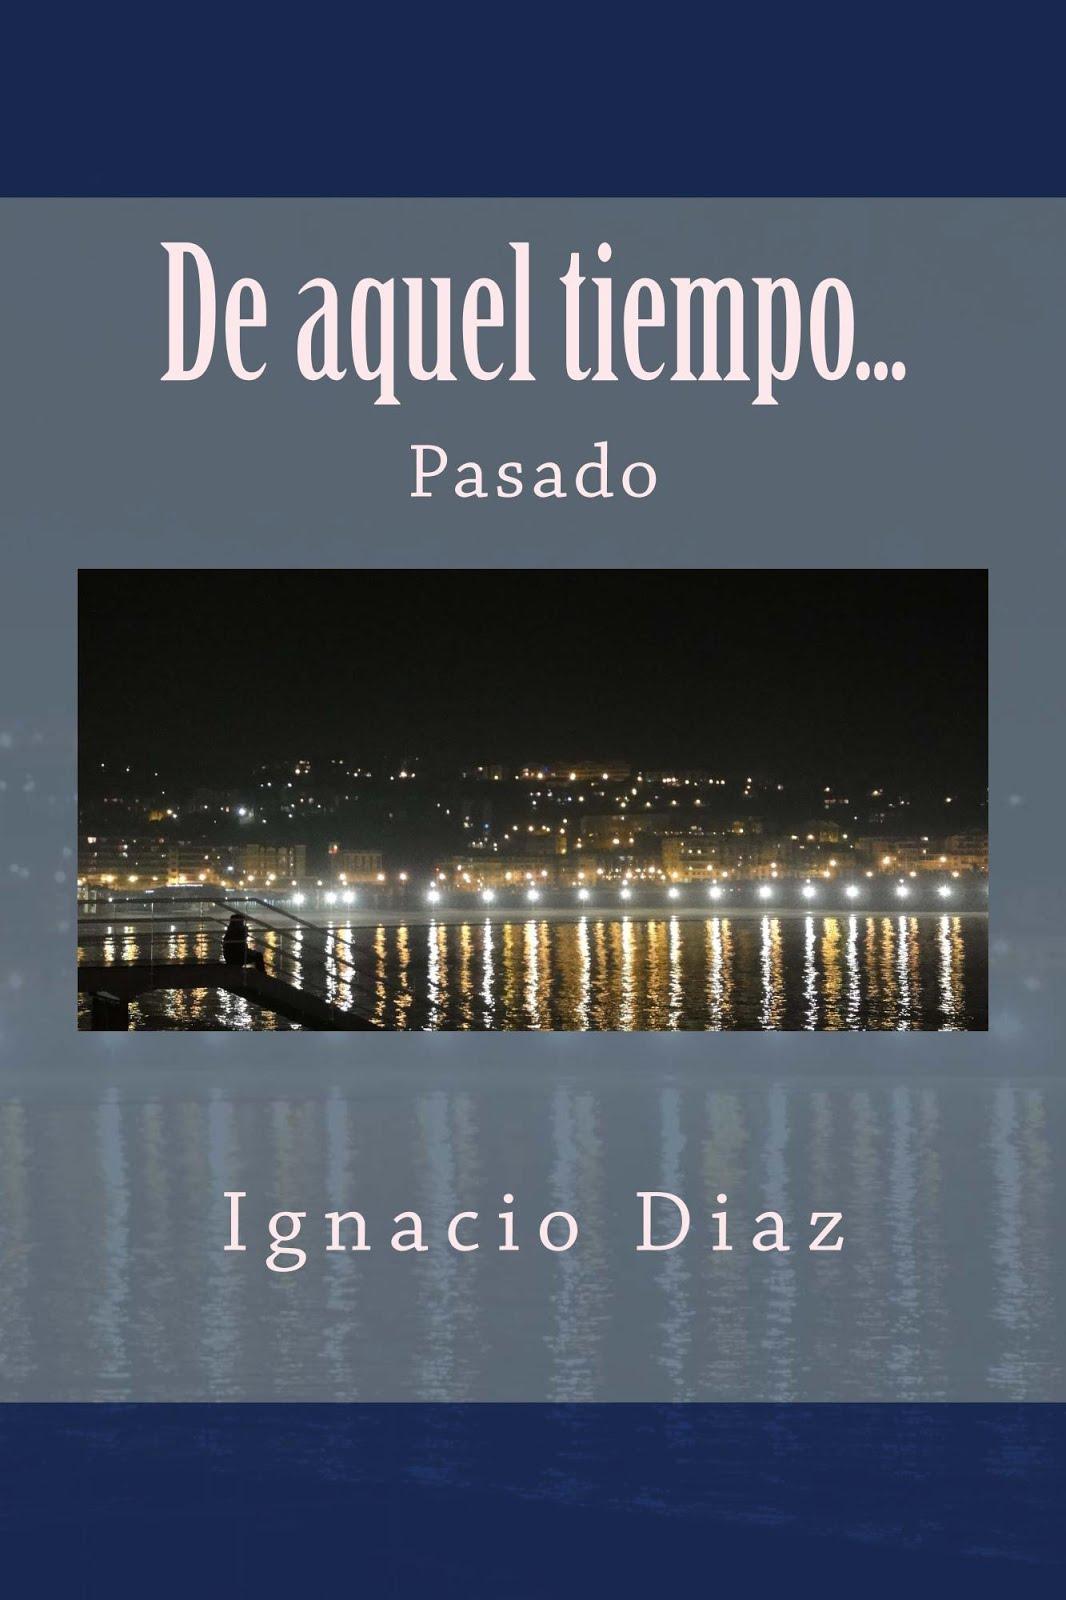 DE AQUEL TIEMPO PASADO